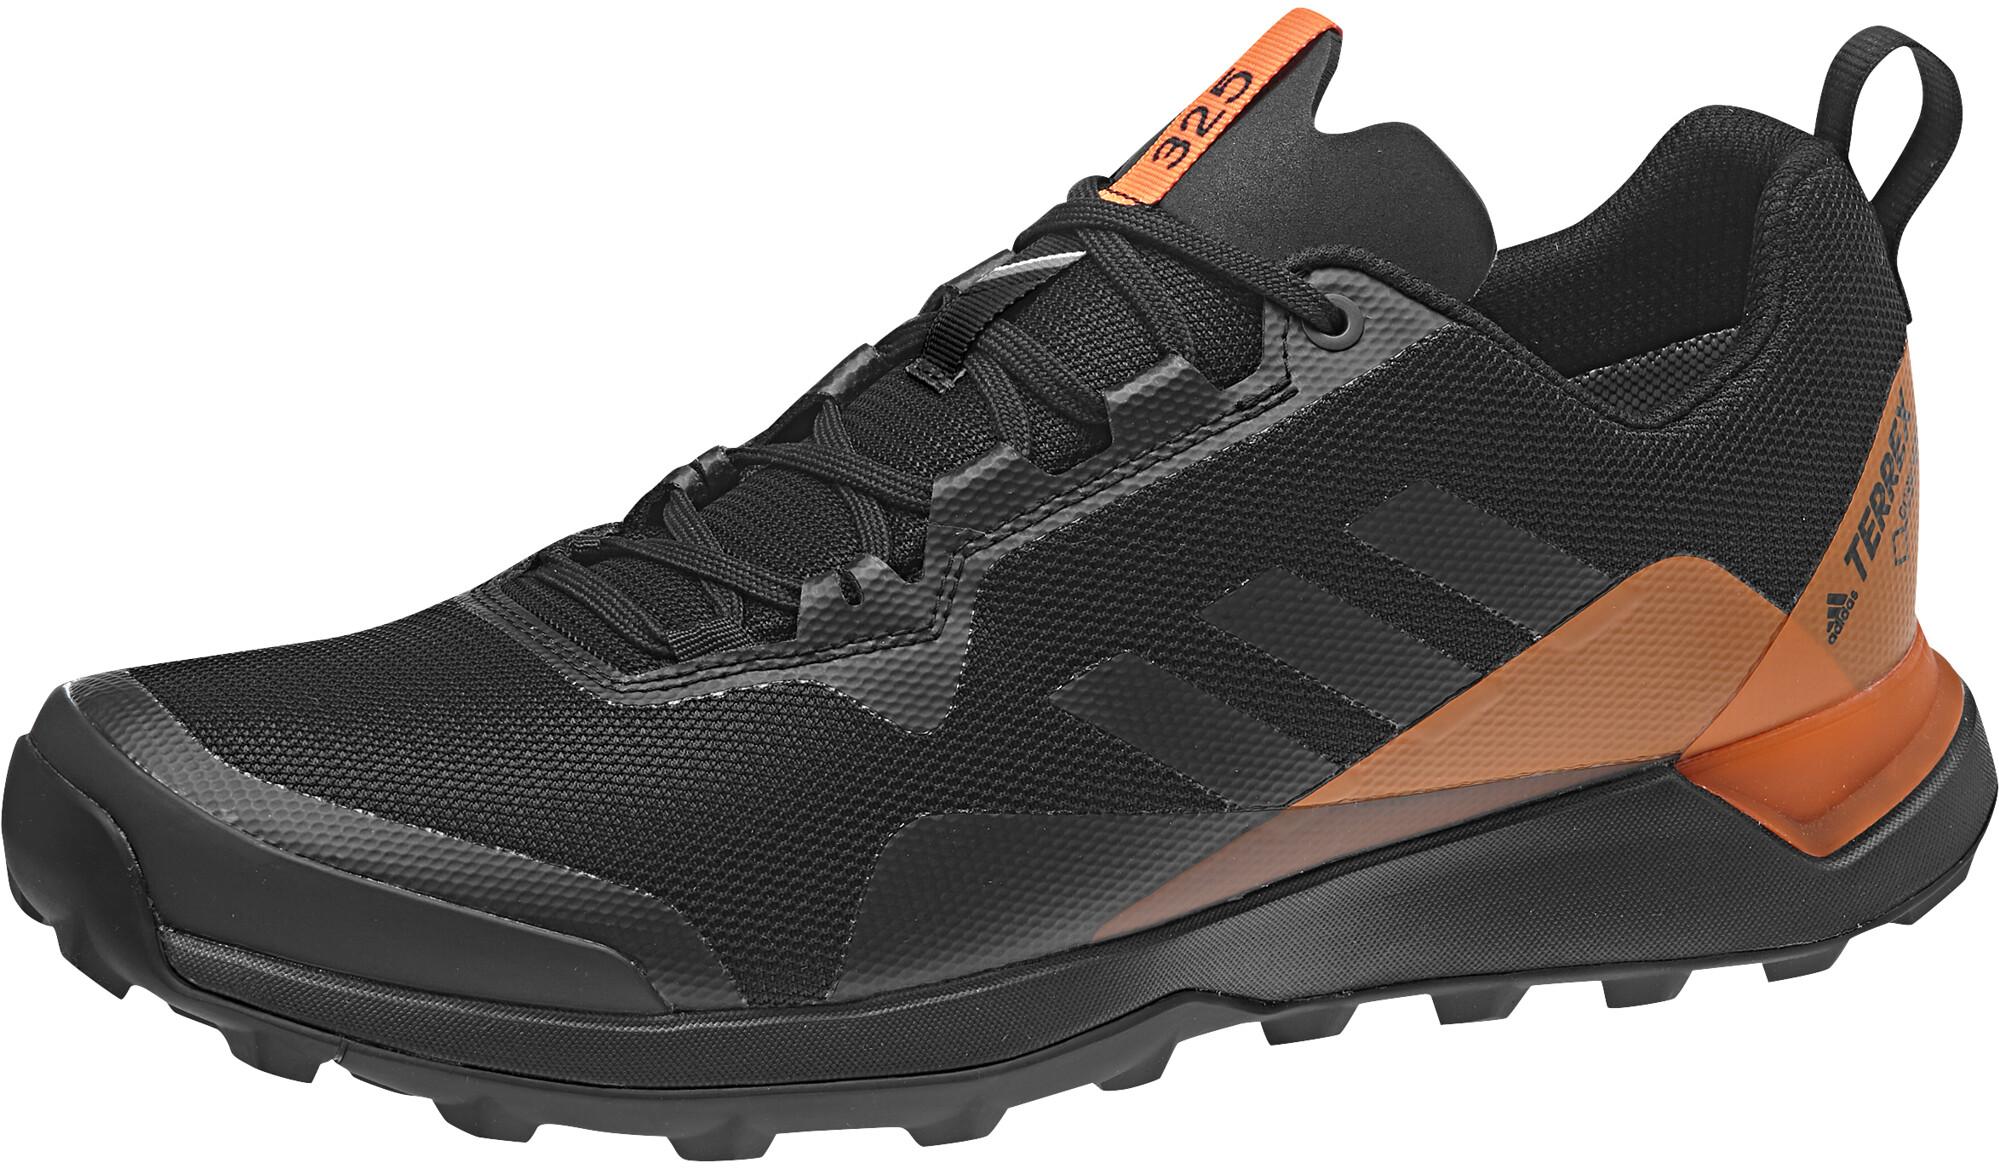 adidas TERREX CMTK GTX - Chaussures running Homme - orange noir ... 8a587d90977f